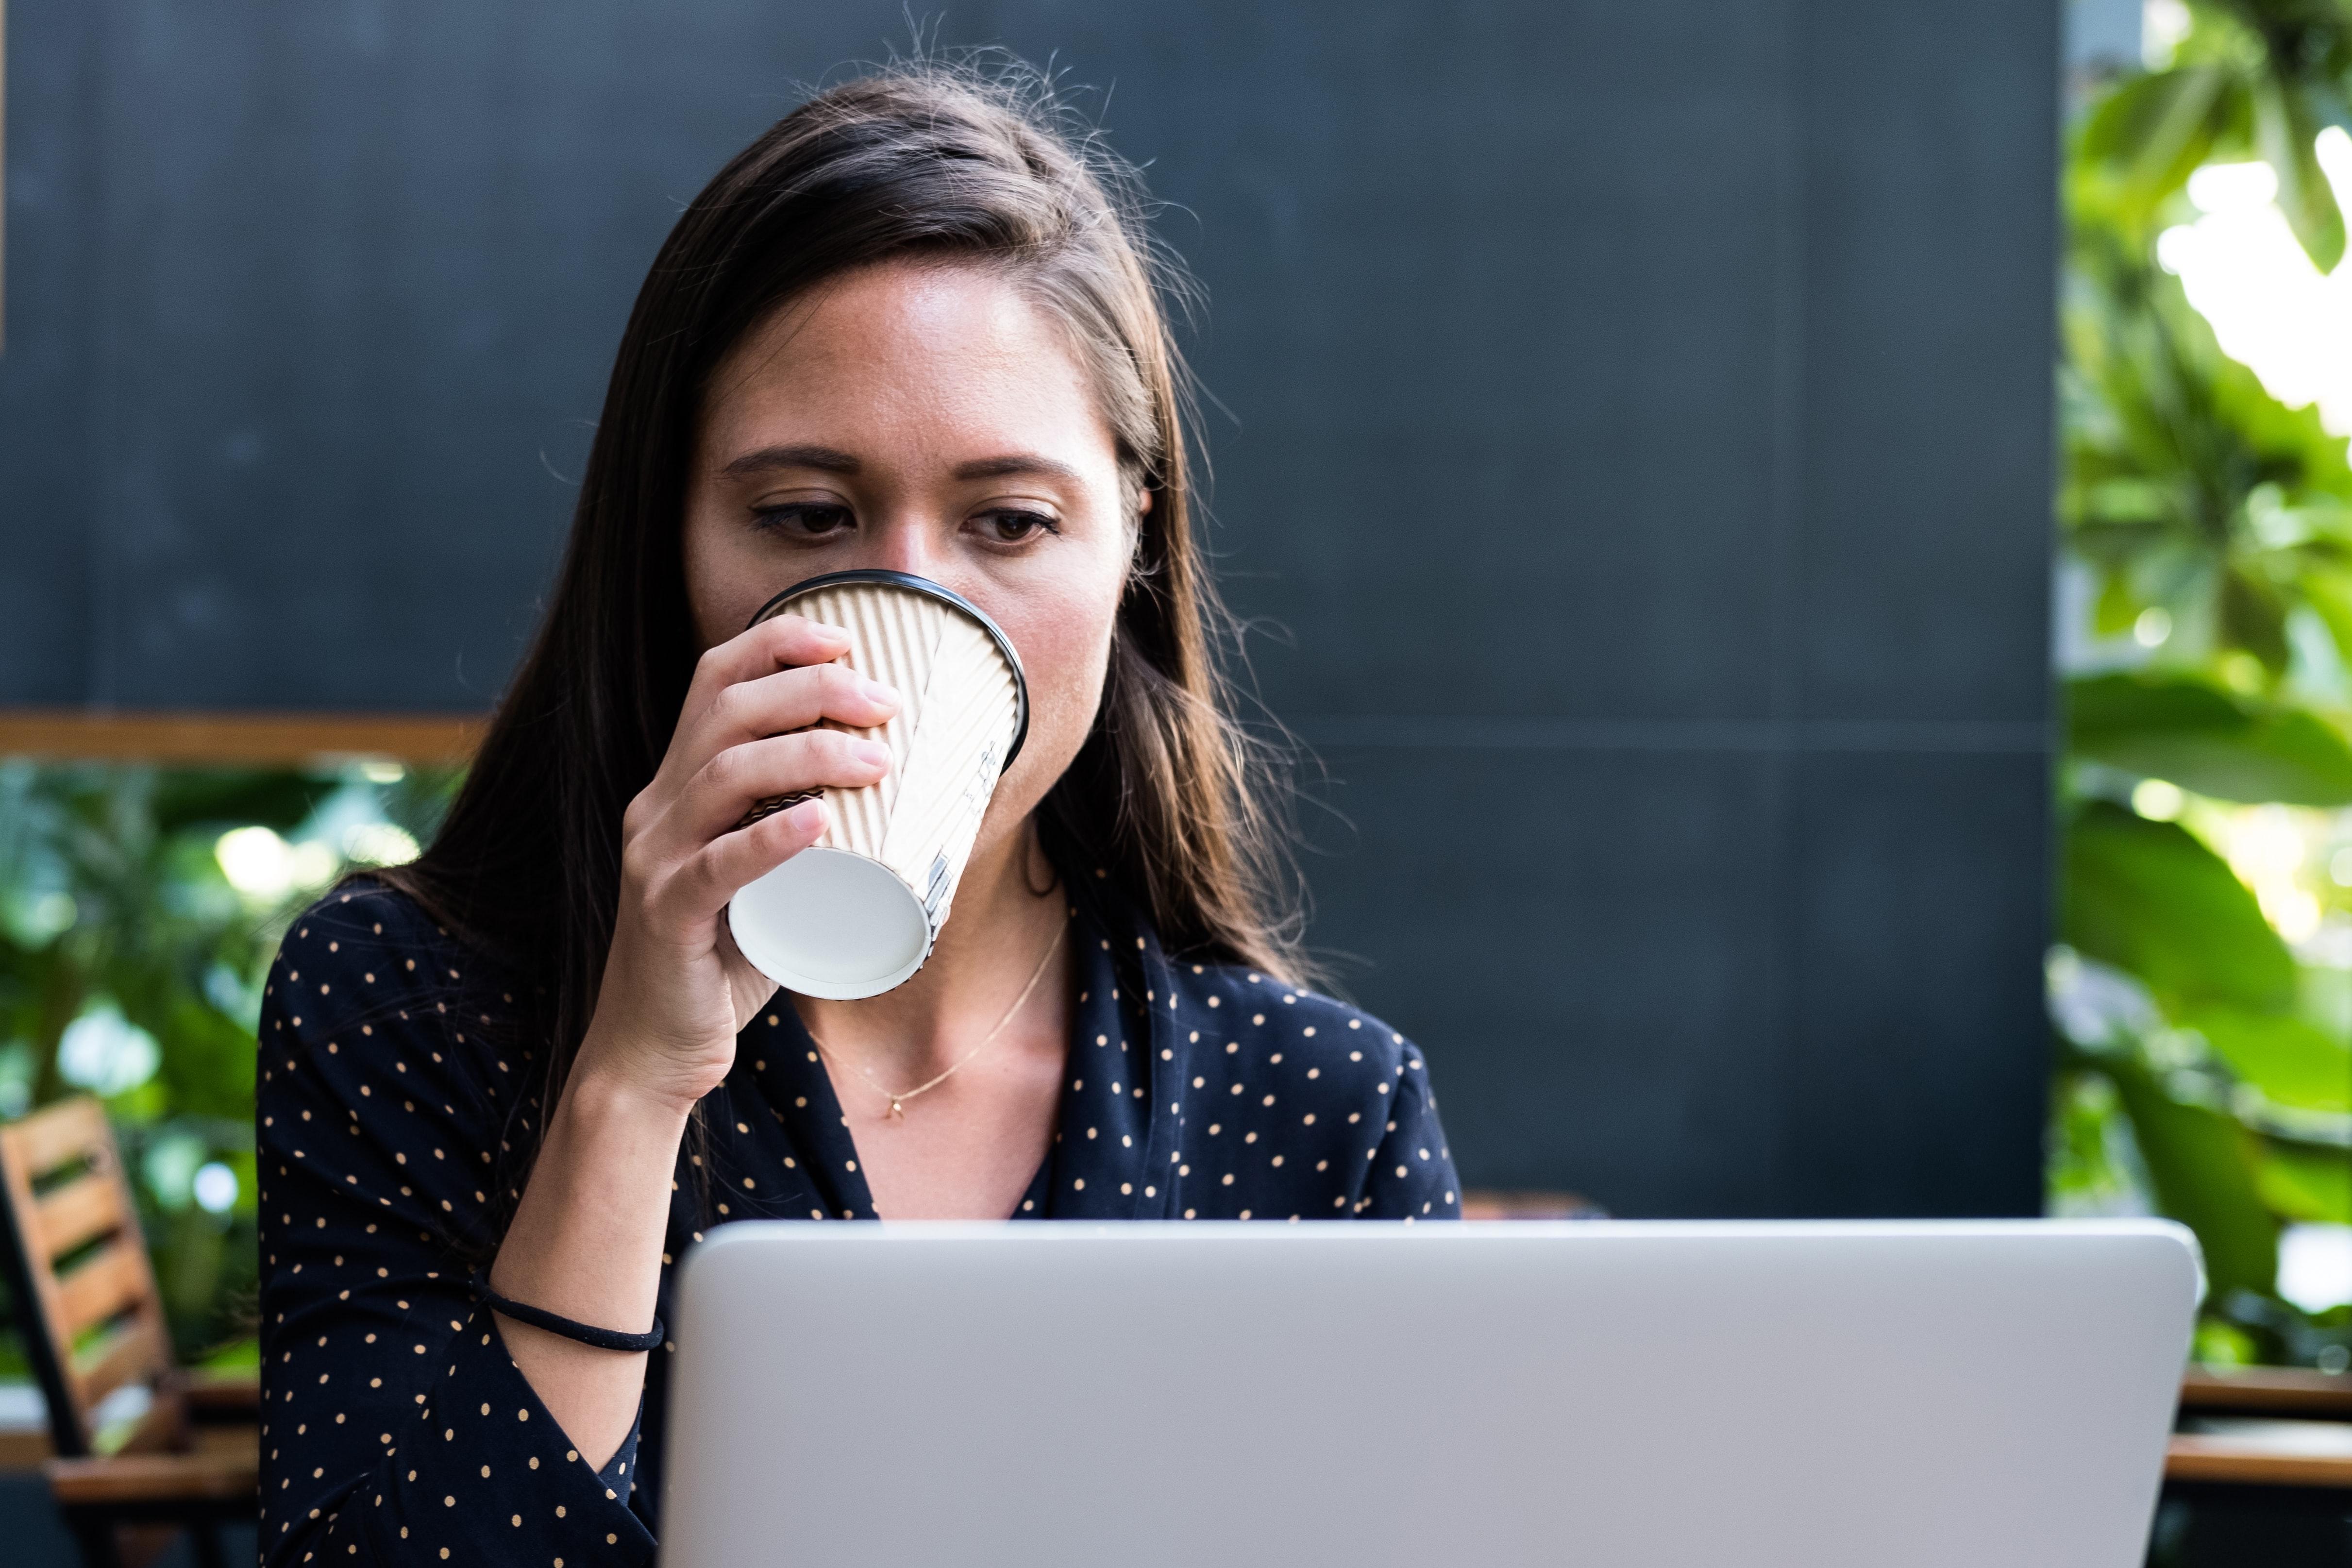 シングルマザーは仕事何してる?おすすめの働き方や希望通りの仕事の探し方